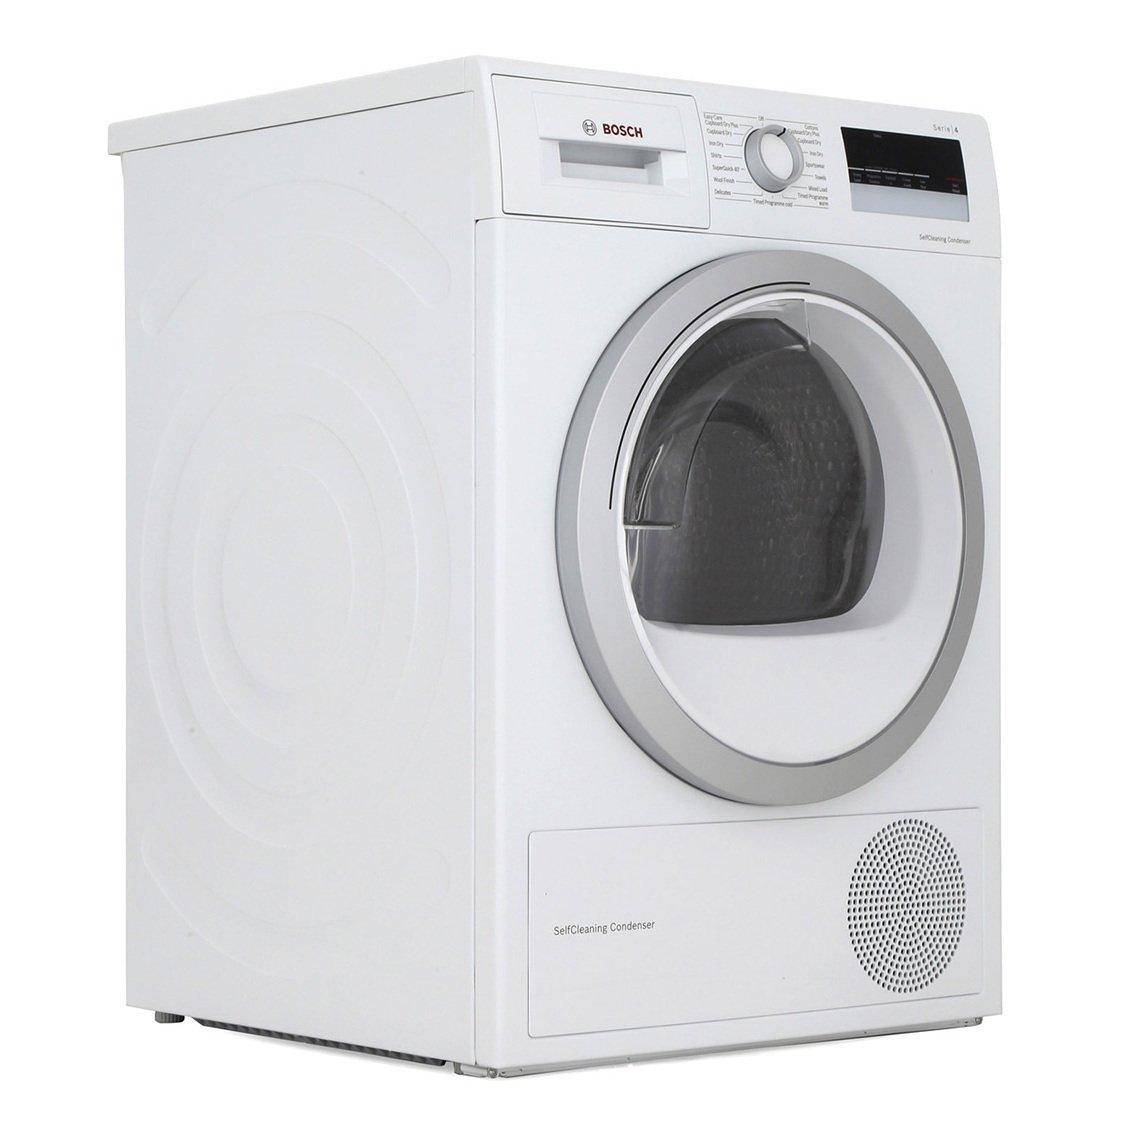 Bosch Serie 4 WTW85231GB Condenser Dryer with Heat Pump Technology